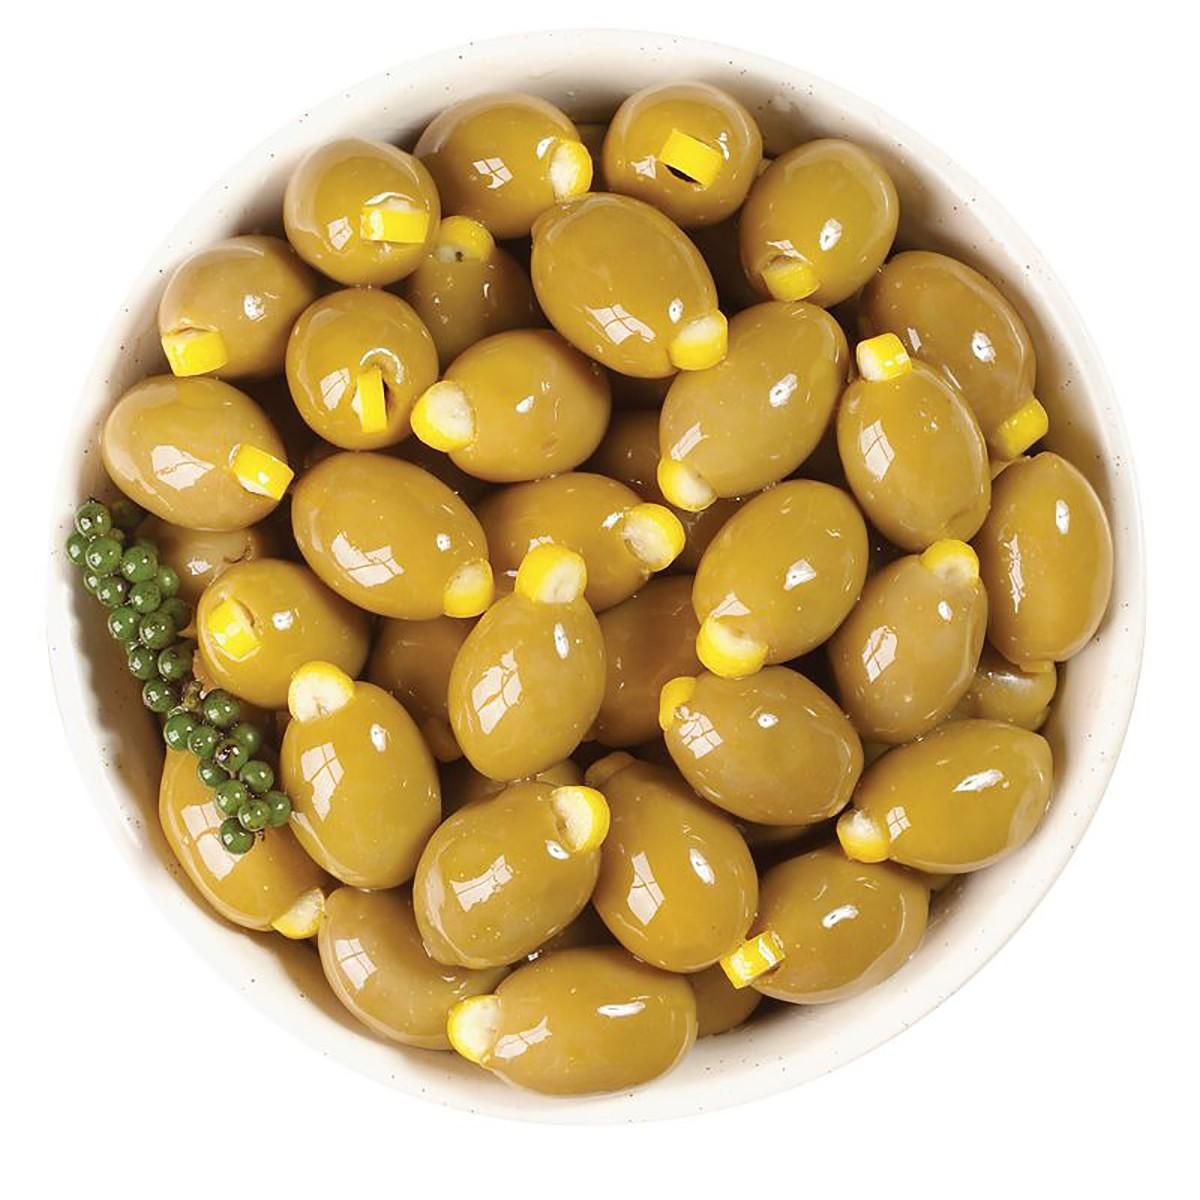 Оливки зеленые с корочкой лимона фото